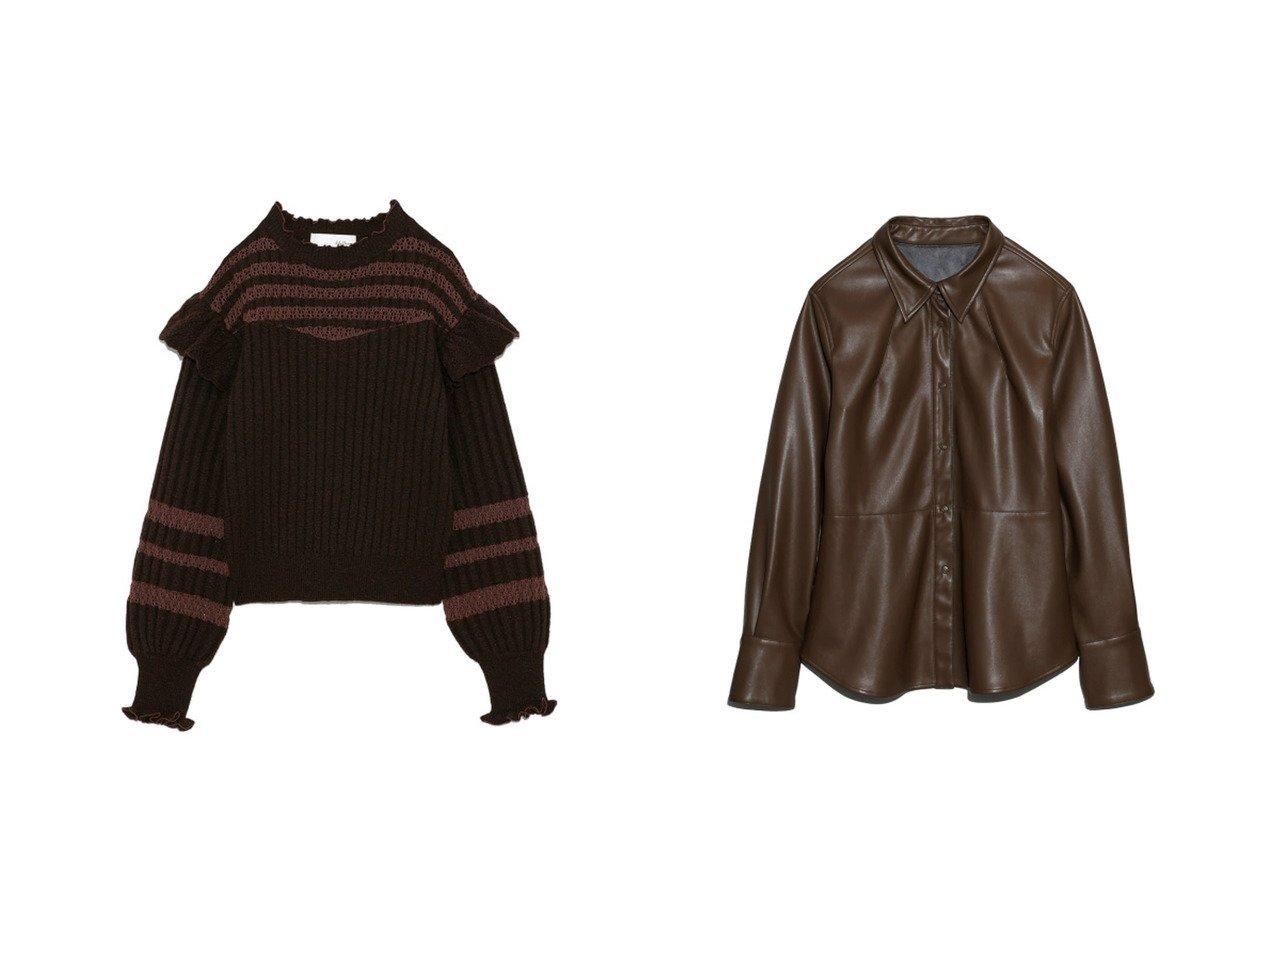 【Lily Brown/リリーブラウン】のドットボタンデザインシャツ&透かし編みニットトップス トップスのおすすめ!人気、レディースファッションの通販  おすすめで人気のファッション通販商品 インテリア・家具・キッズファッション・メンズファッション・レディースファッション・服の通販 founy(ファニー) https://founy.com/ ファッション Fashion レディース WOMEN トップス Tops Tshirt ニット Knit Tops シャツ/ブラウス Shirts Blouses アクリル スマート 透かし フリル ボーダー ミックス メランジ 冬 Winter カフス 今季 シンプル セットアップ ドット 秋冬 A/W Autumn/ Winter |ID:crp329100000003578